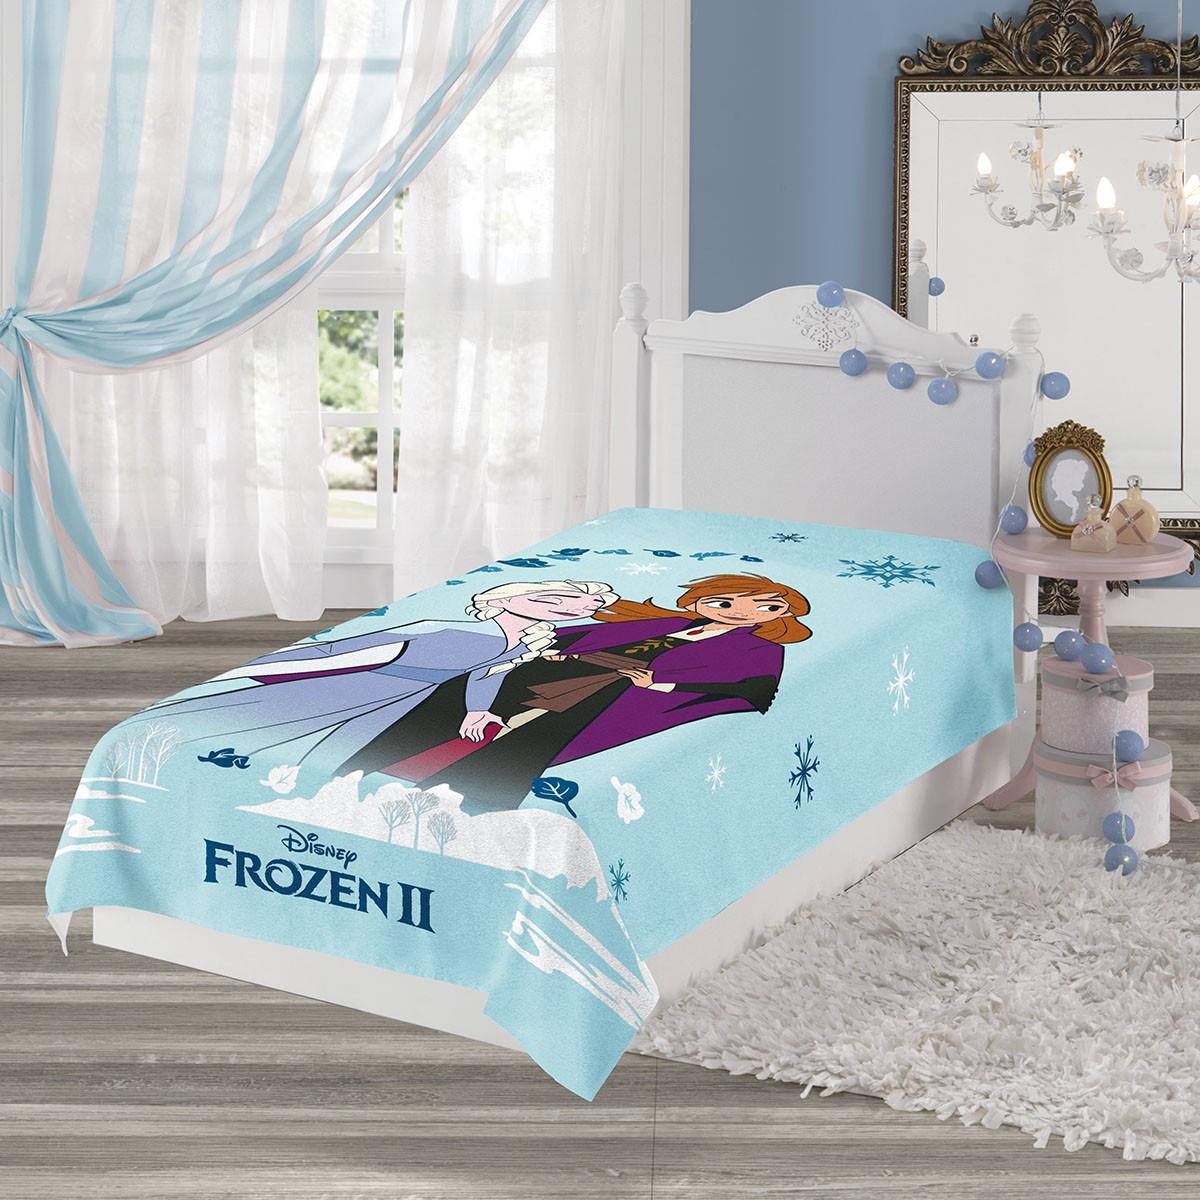 Manta Fleece Frozen 57420 Com 1 peça Lepper